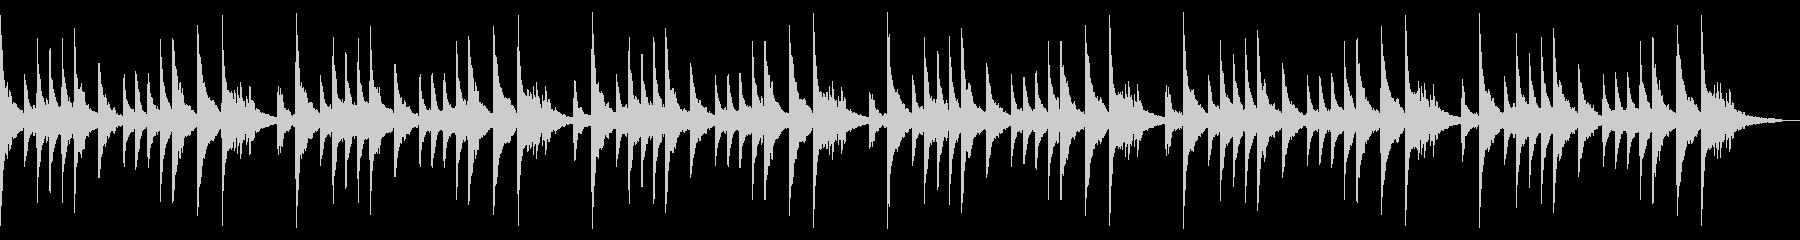 桜散るエモーショナルピアノソロチルアウトの未再生の波形